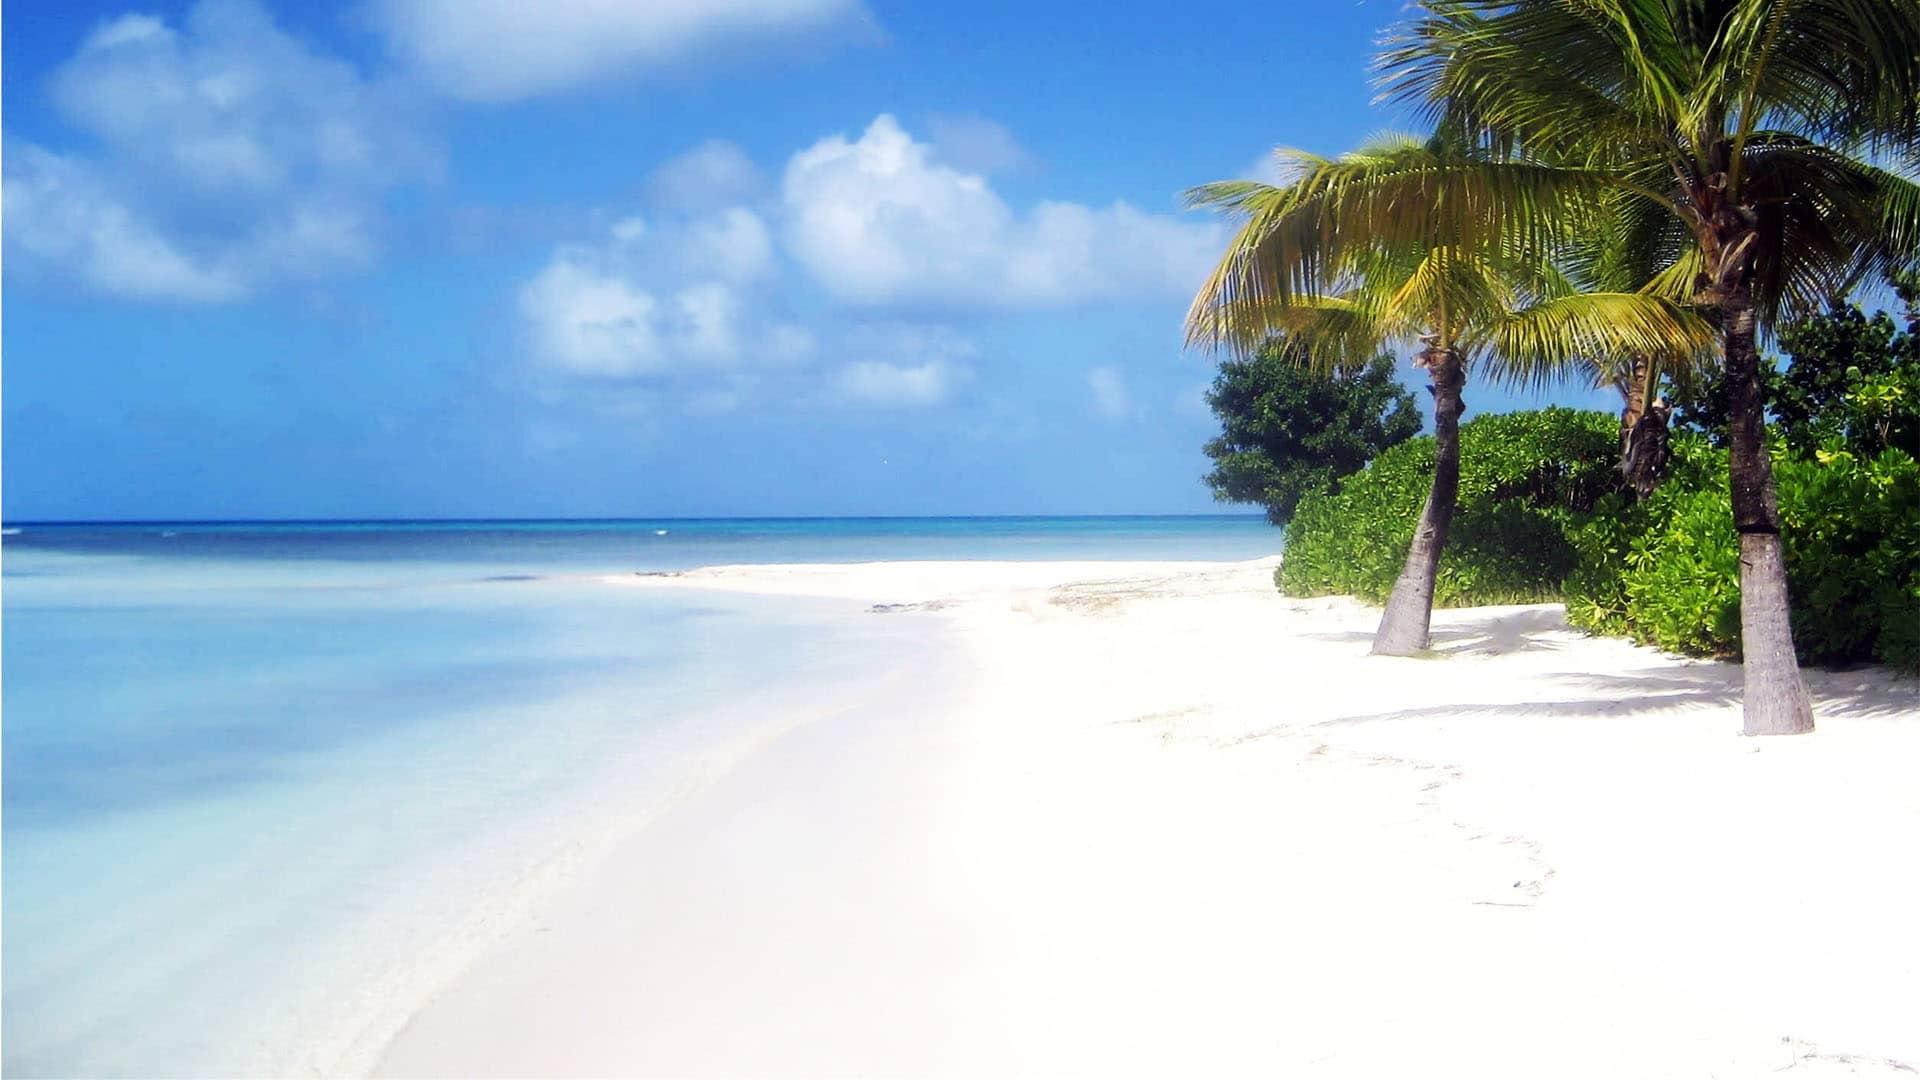 SC caribbean palm beach